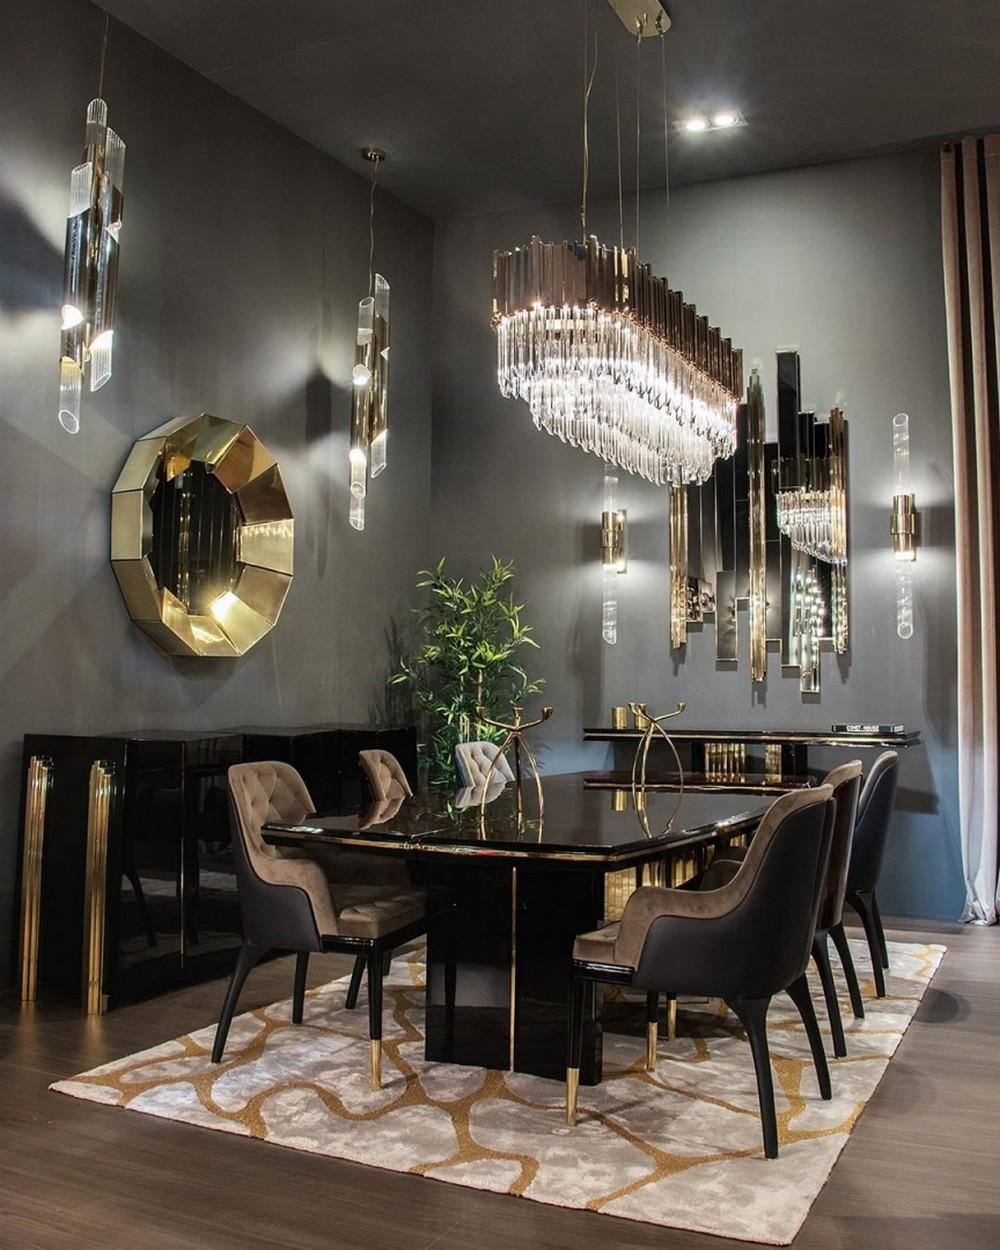 Comedores lujuosos: Inspiraciónes perfectas para un Diseño de interior moderno comedores lujuosos Comedores lujuosos: Inspiraciónes perfectas para un Diseño de interior moderno 1